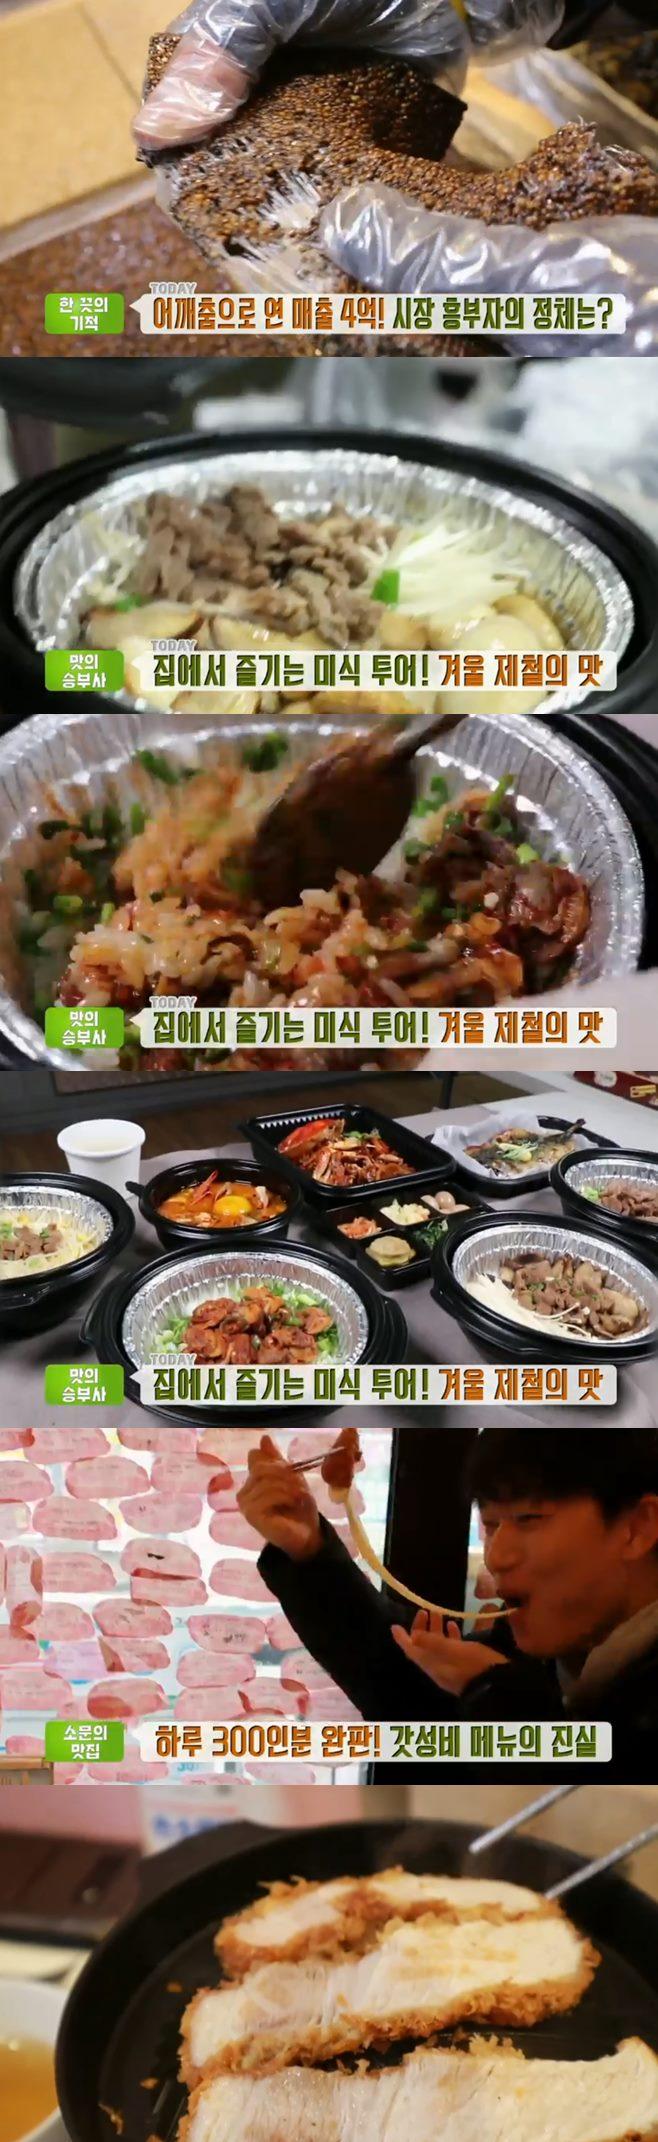 '생방송투데이' 연남동 버거(버바나)+인천 돈가스(은식당)+맛의승부사 꼬막솥밥(온가솥밥) 맛집